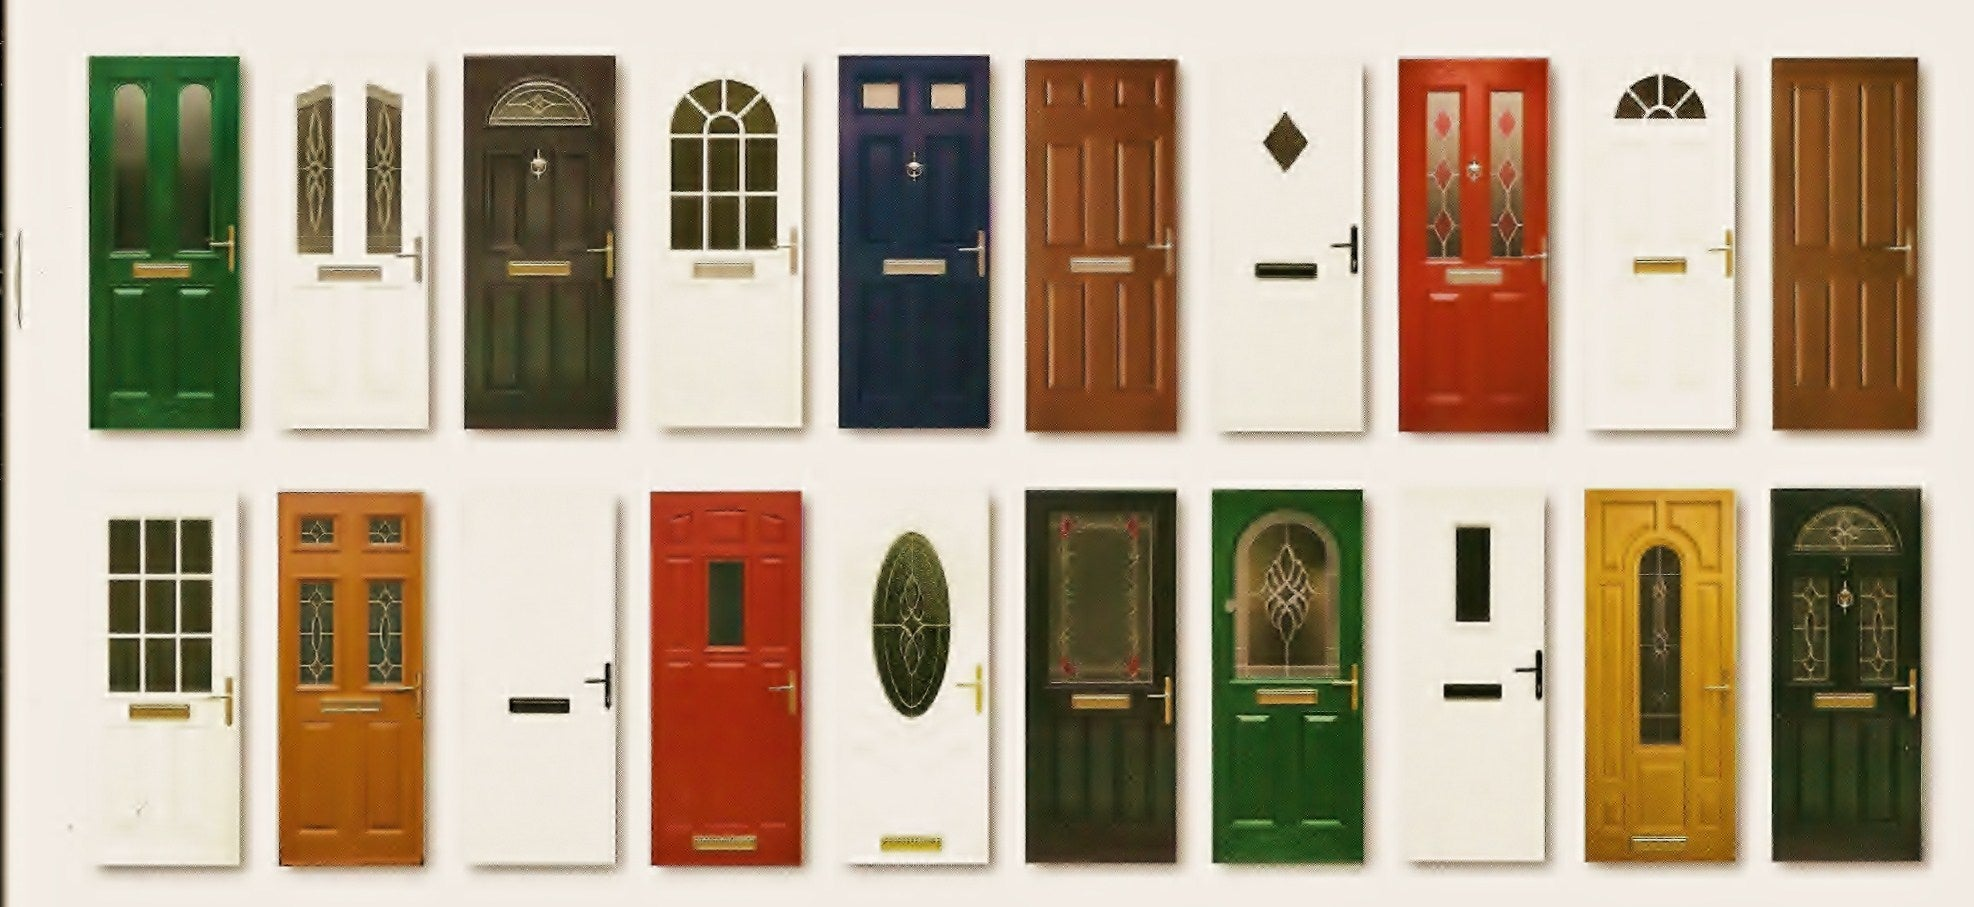 907 #B23819 El Test De Las 10 Puertas Mejor Con Salud image Residential Doors And Windows 44431974